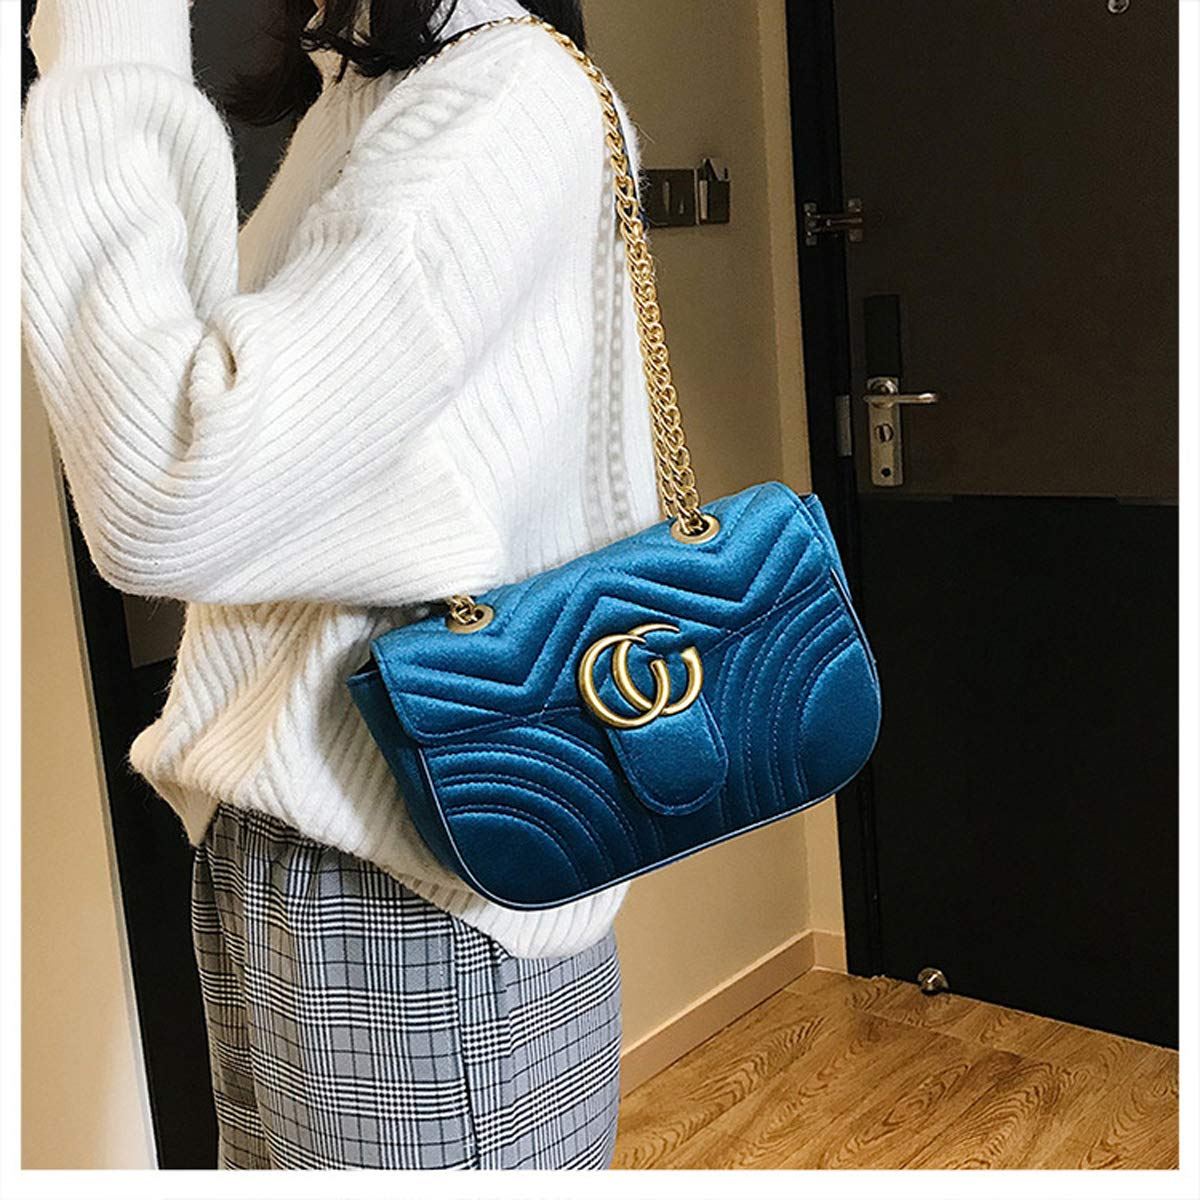 Blau, 26 /× 20 /× 8 /× 15cm Samt rhombische Kette Tasche Schulter Sling kleine Tasche weibliche Mode Handtaschen Textur Tasche 2019 neue wild